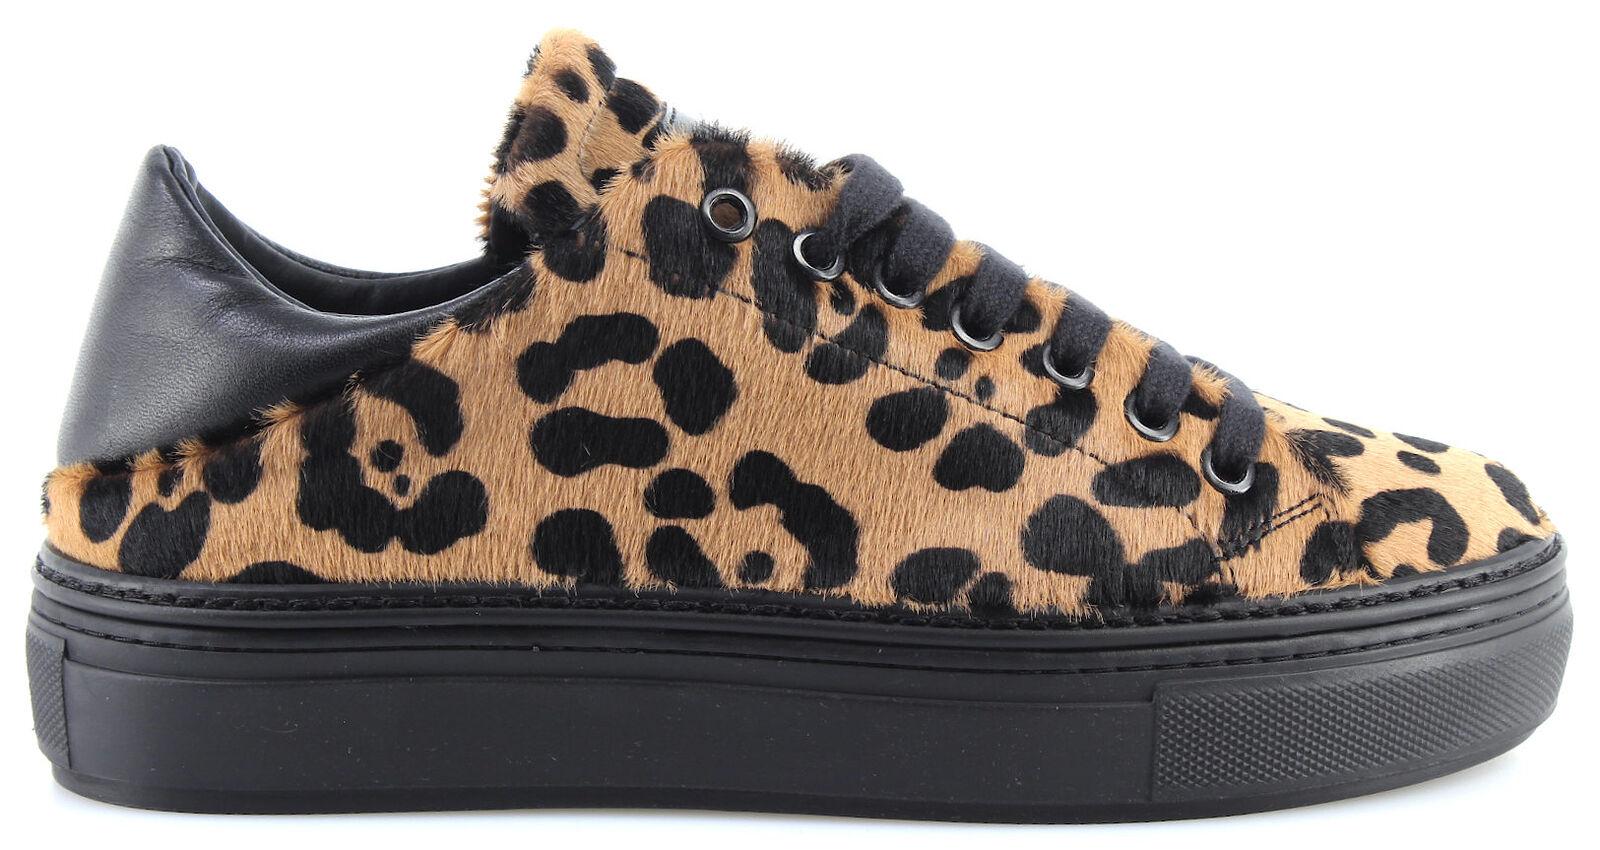 shoes women Sneakers PINKO 1H20CJ Dobbiaco 1 CZE Beige Beige Beige black Cavallino Nuove a53103